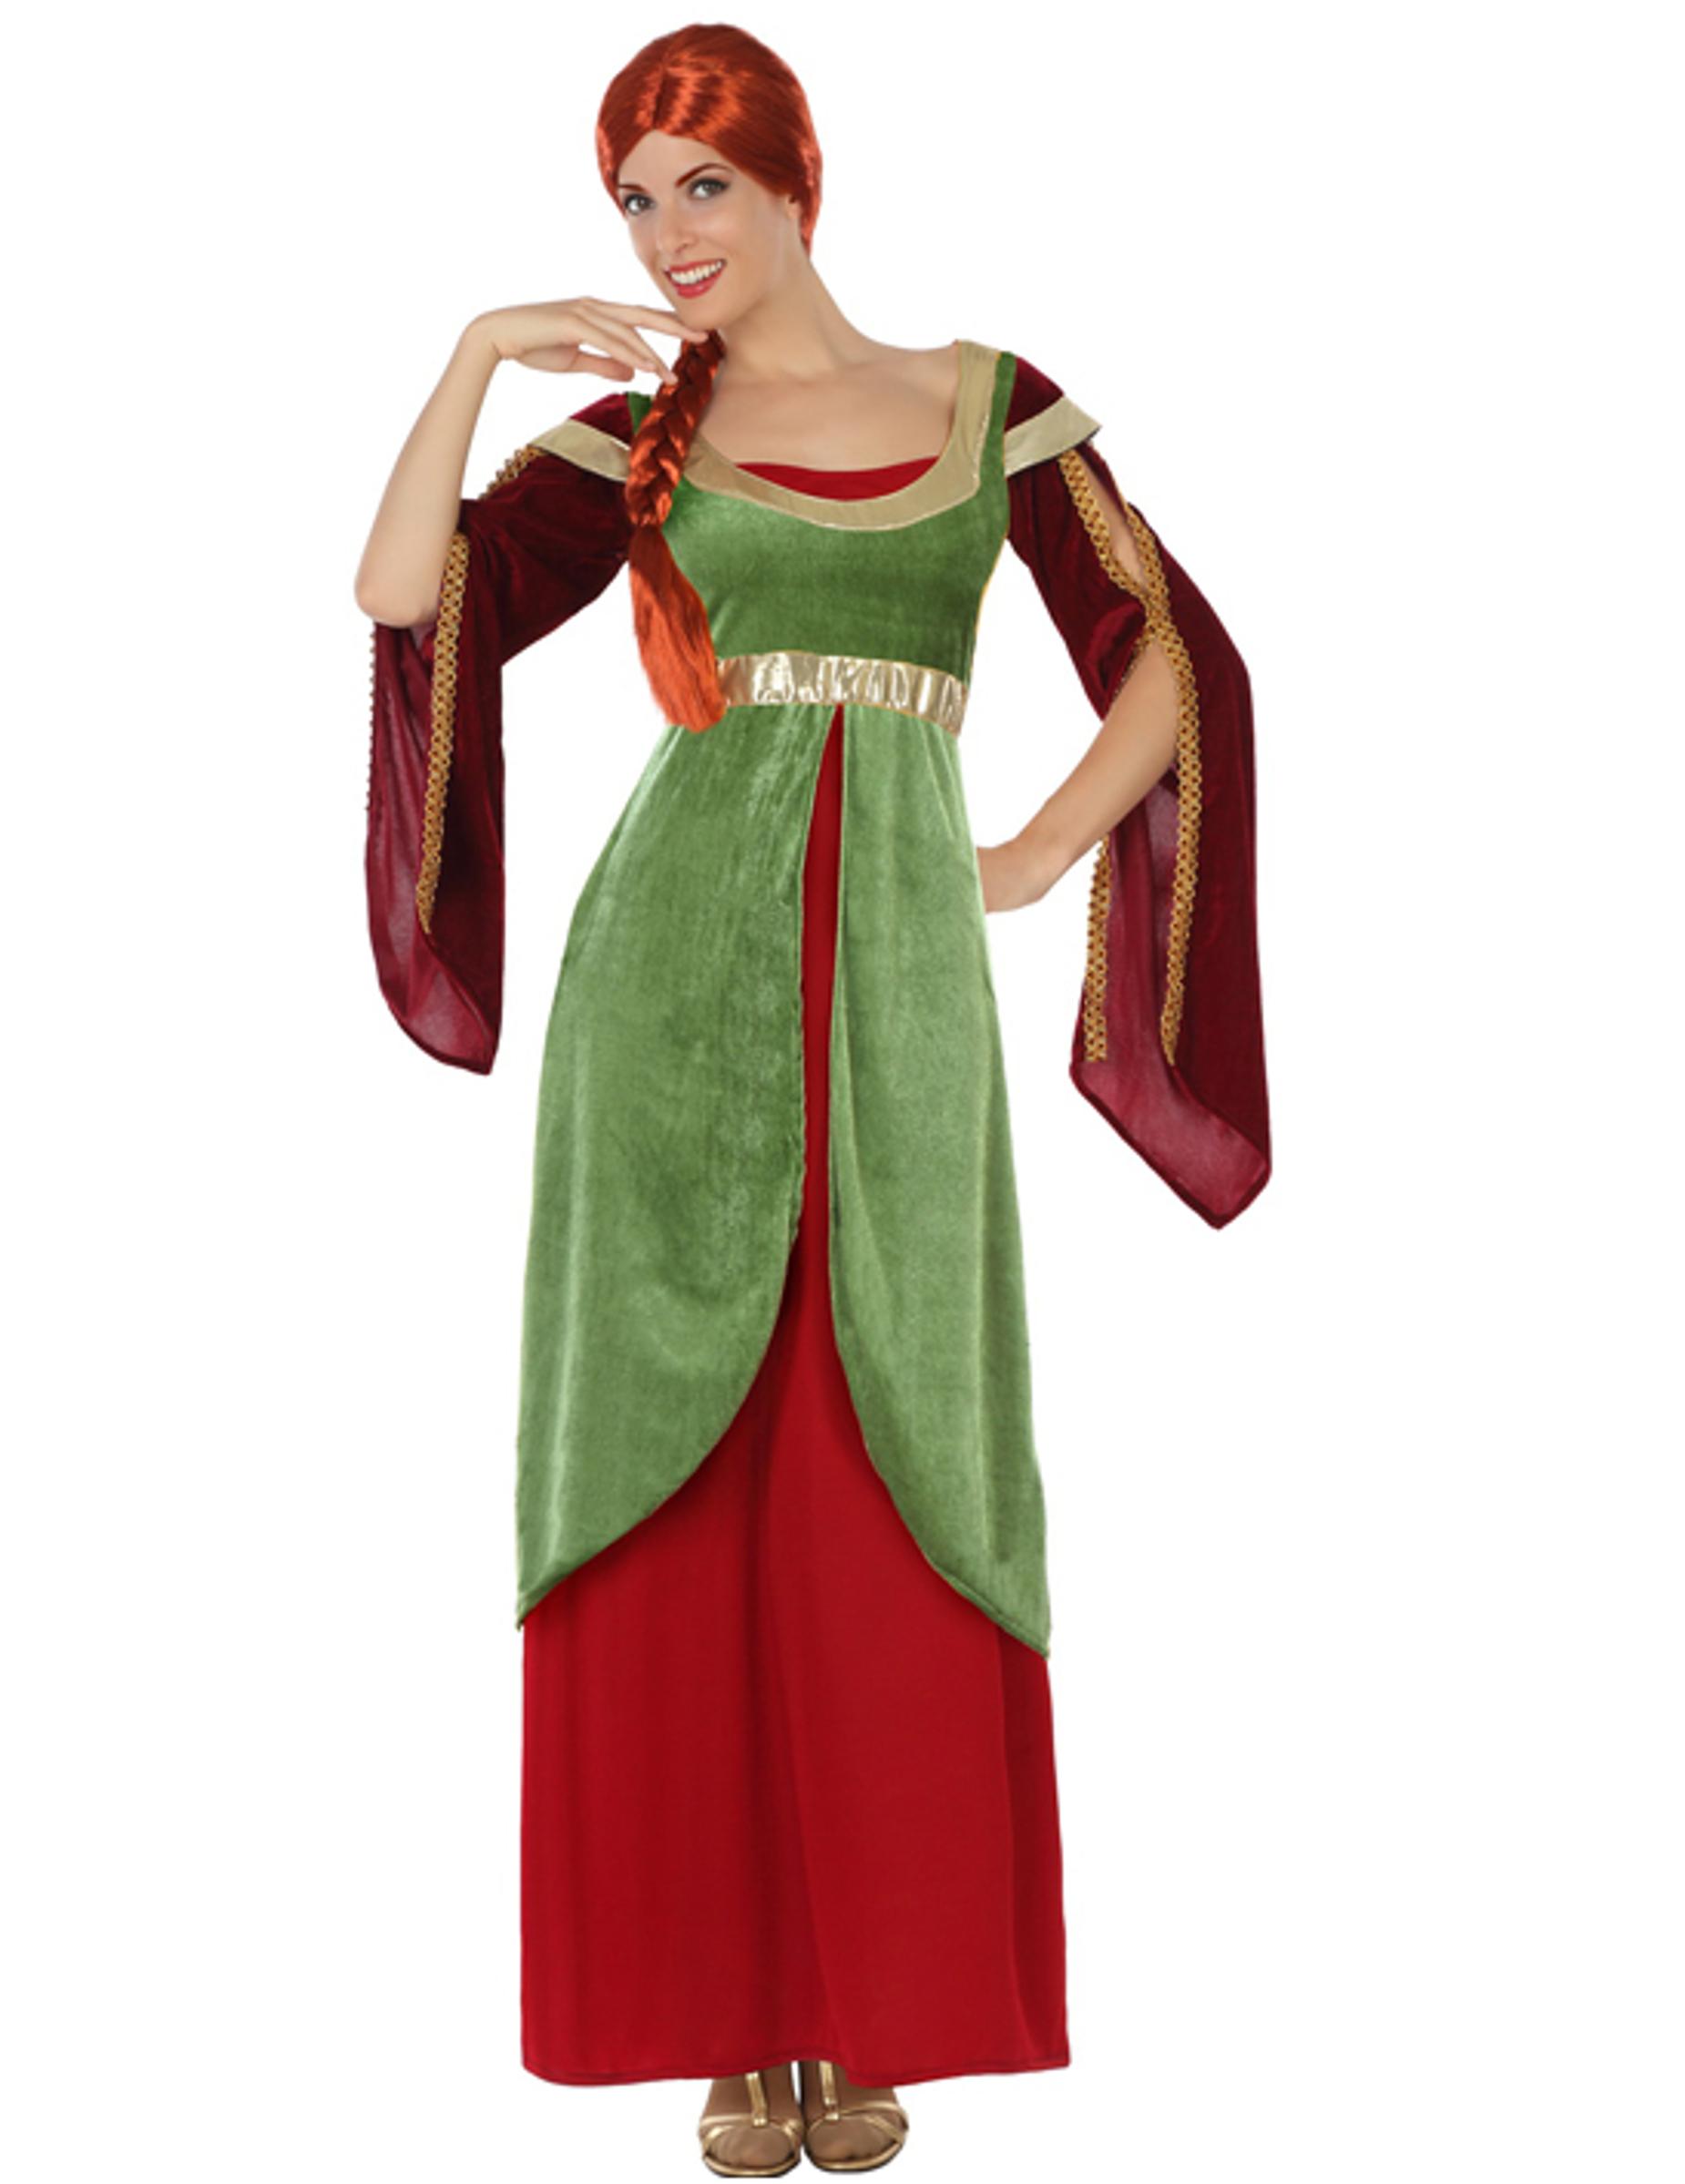 655fe37a6f05c Costume dama medievale rosso e verde Donna  Costumi adulti